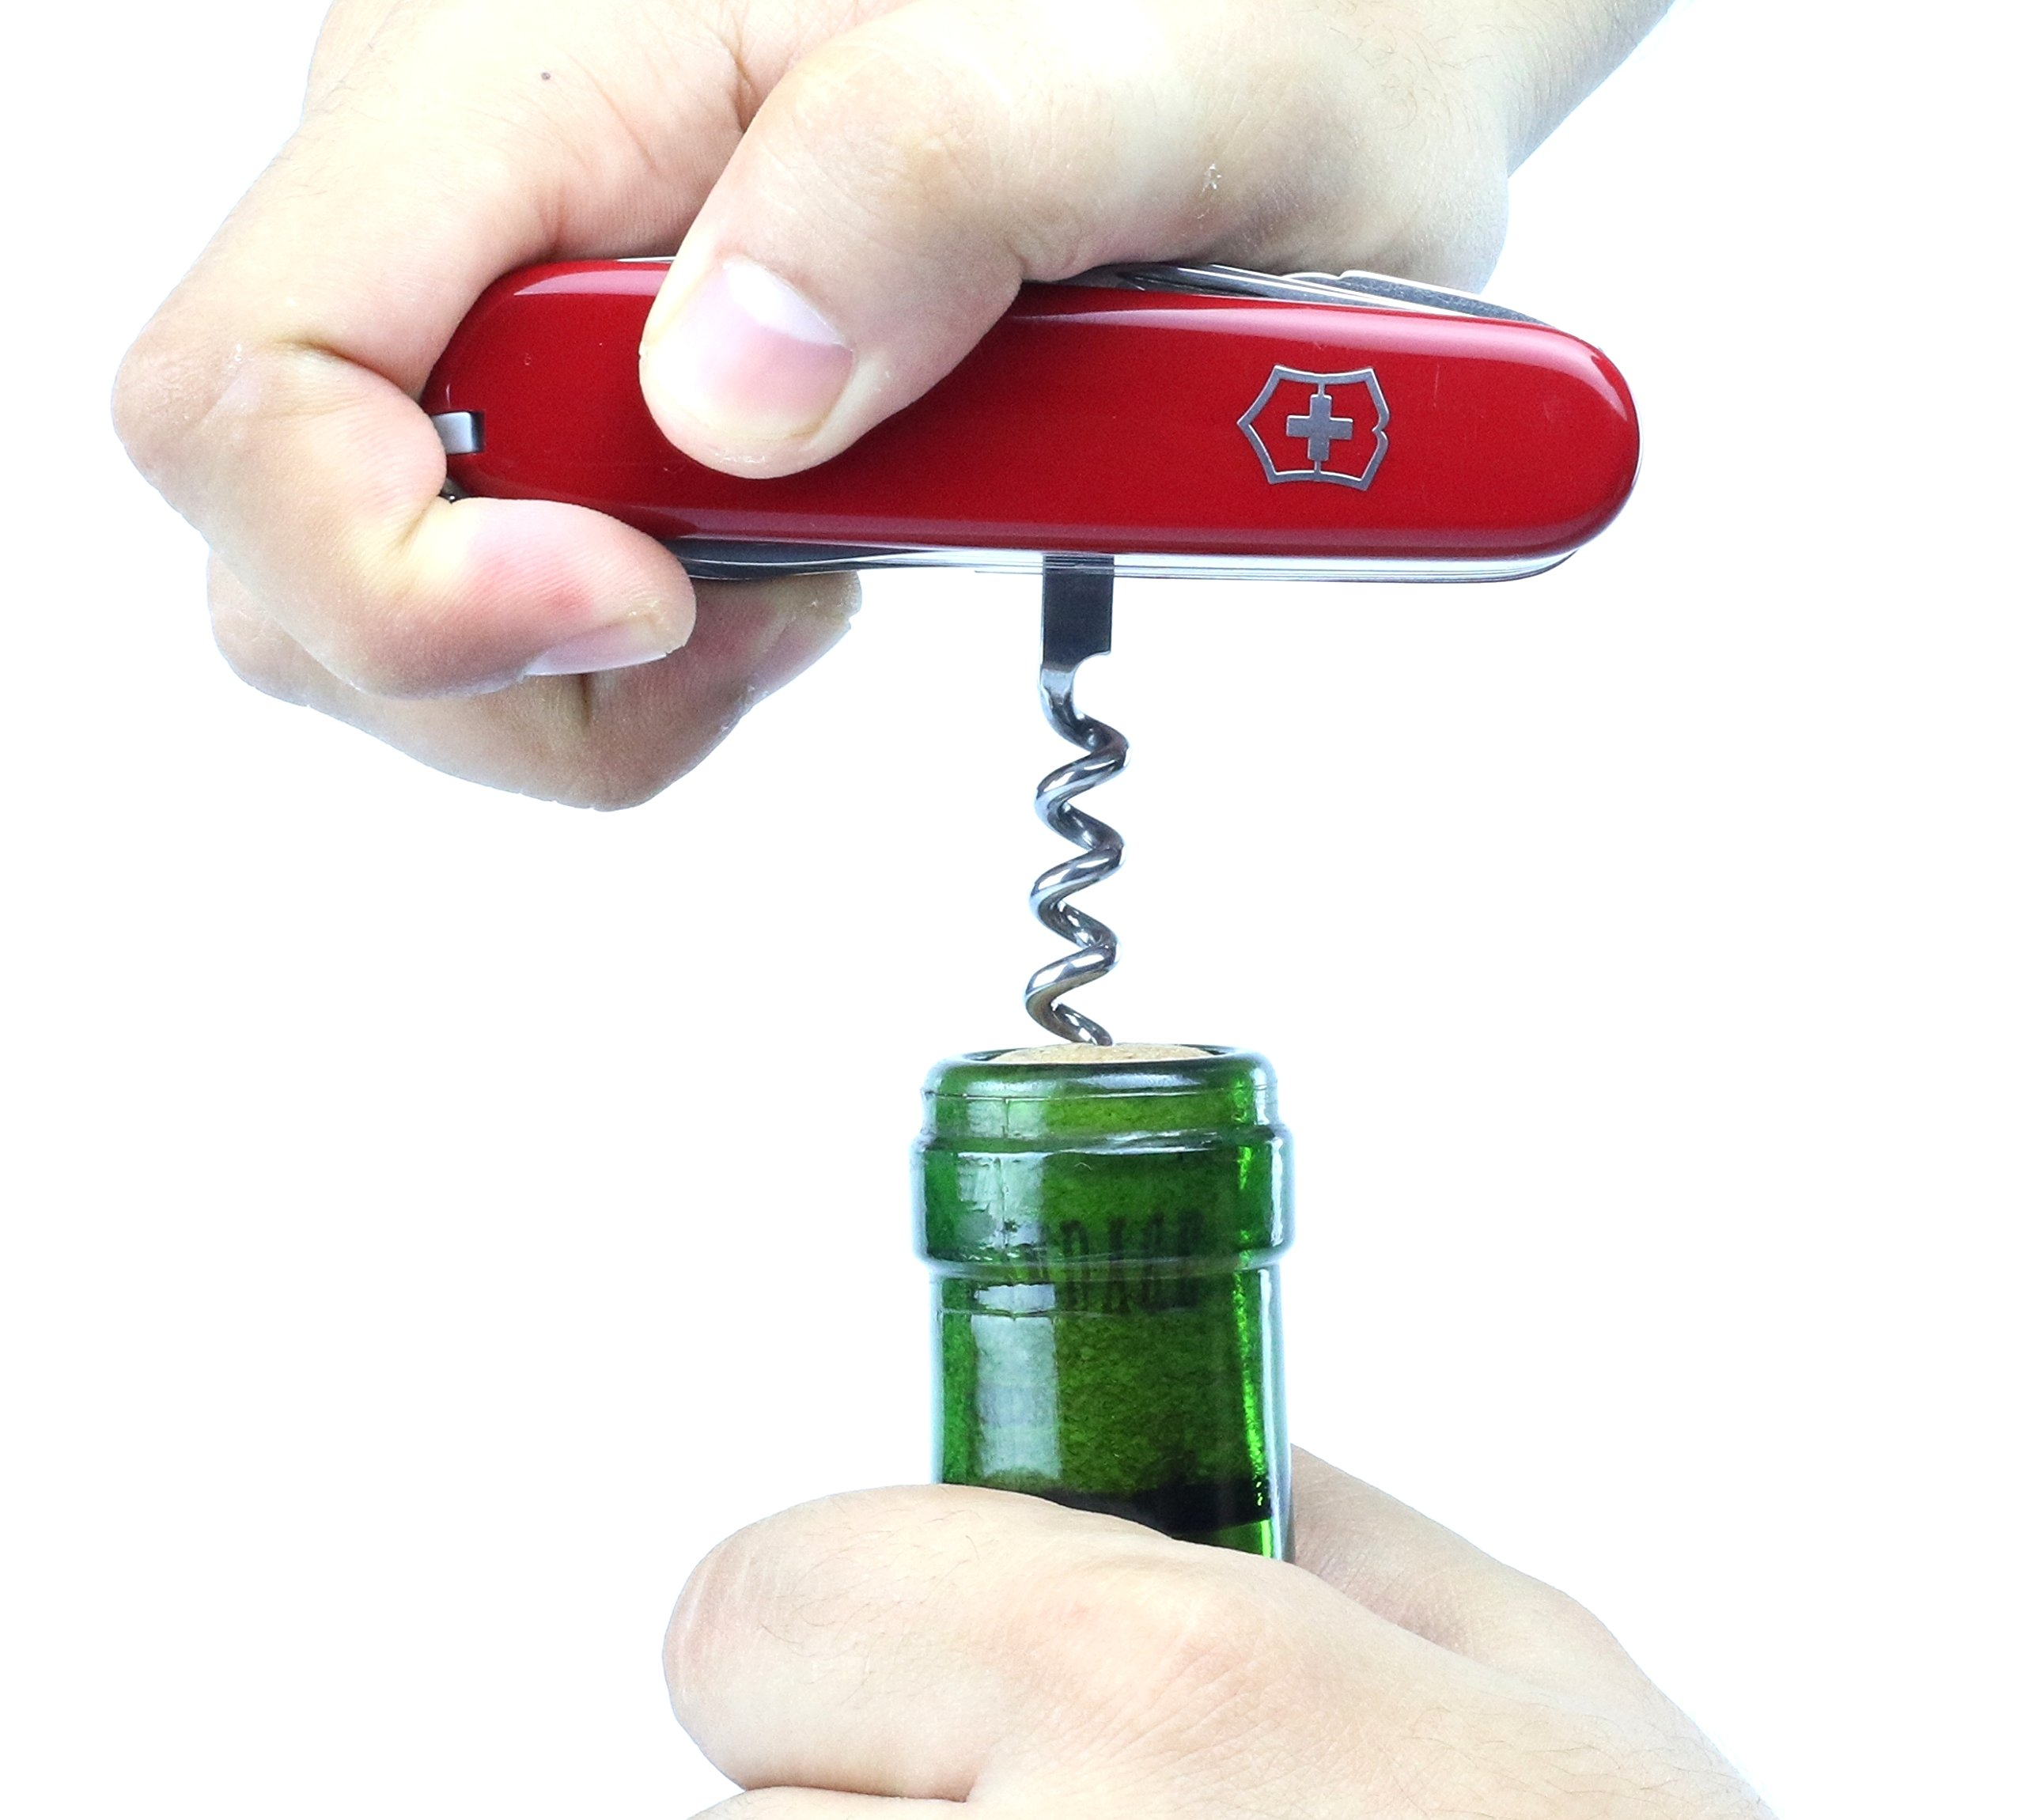 Victorinox Taschenwerkzeug Offiziersmesser Swiss Champ Rot Swisschamp Officer's Knife, Red, 91mm 12